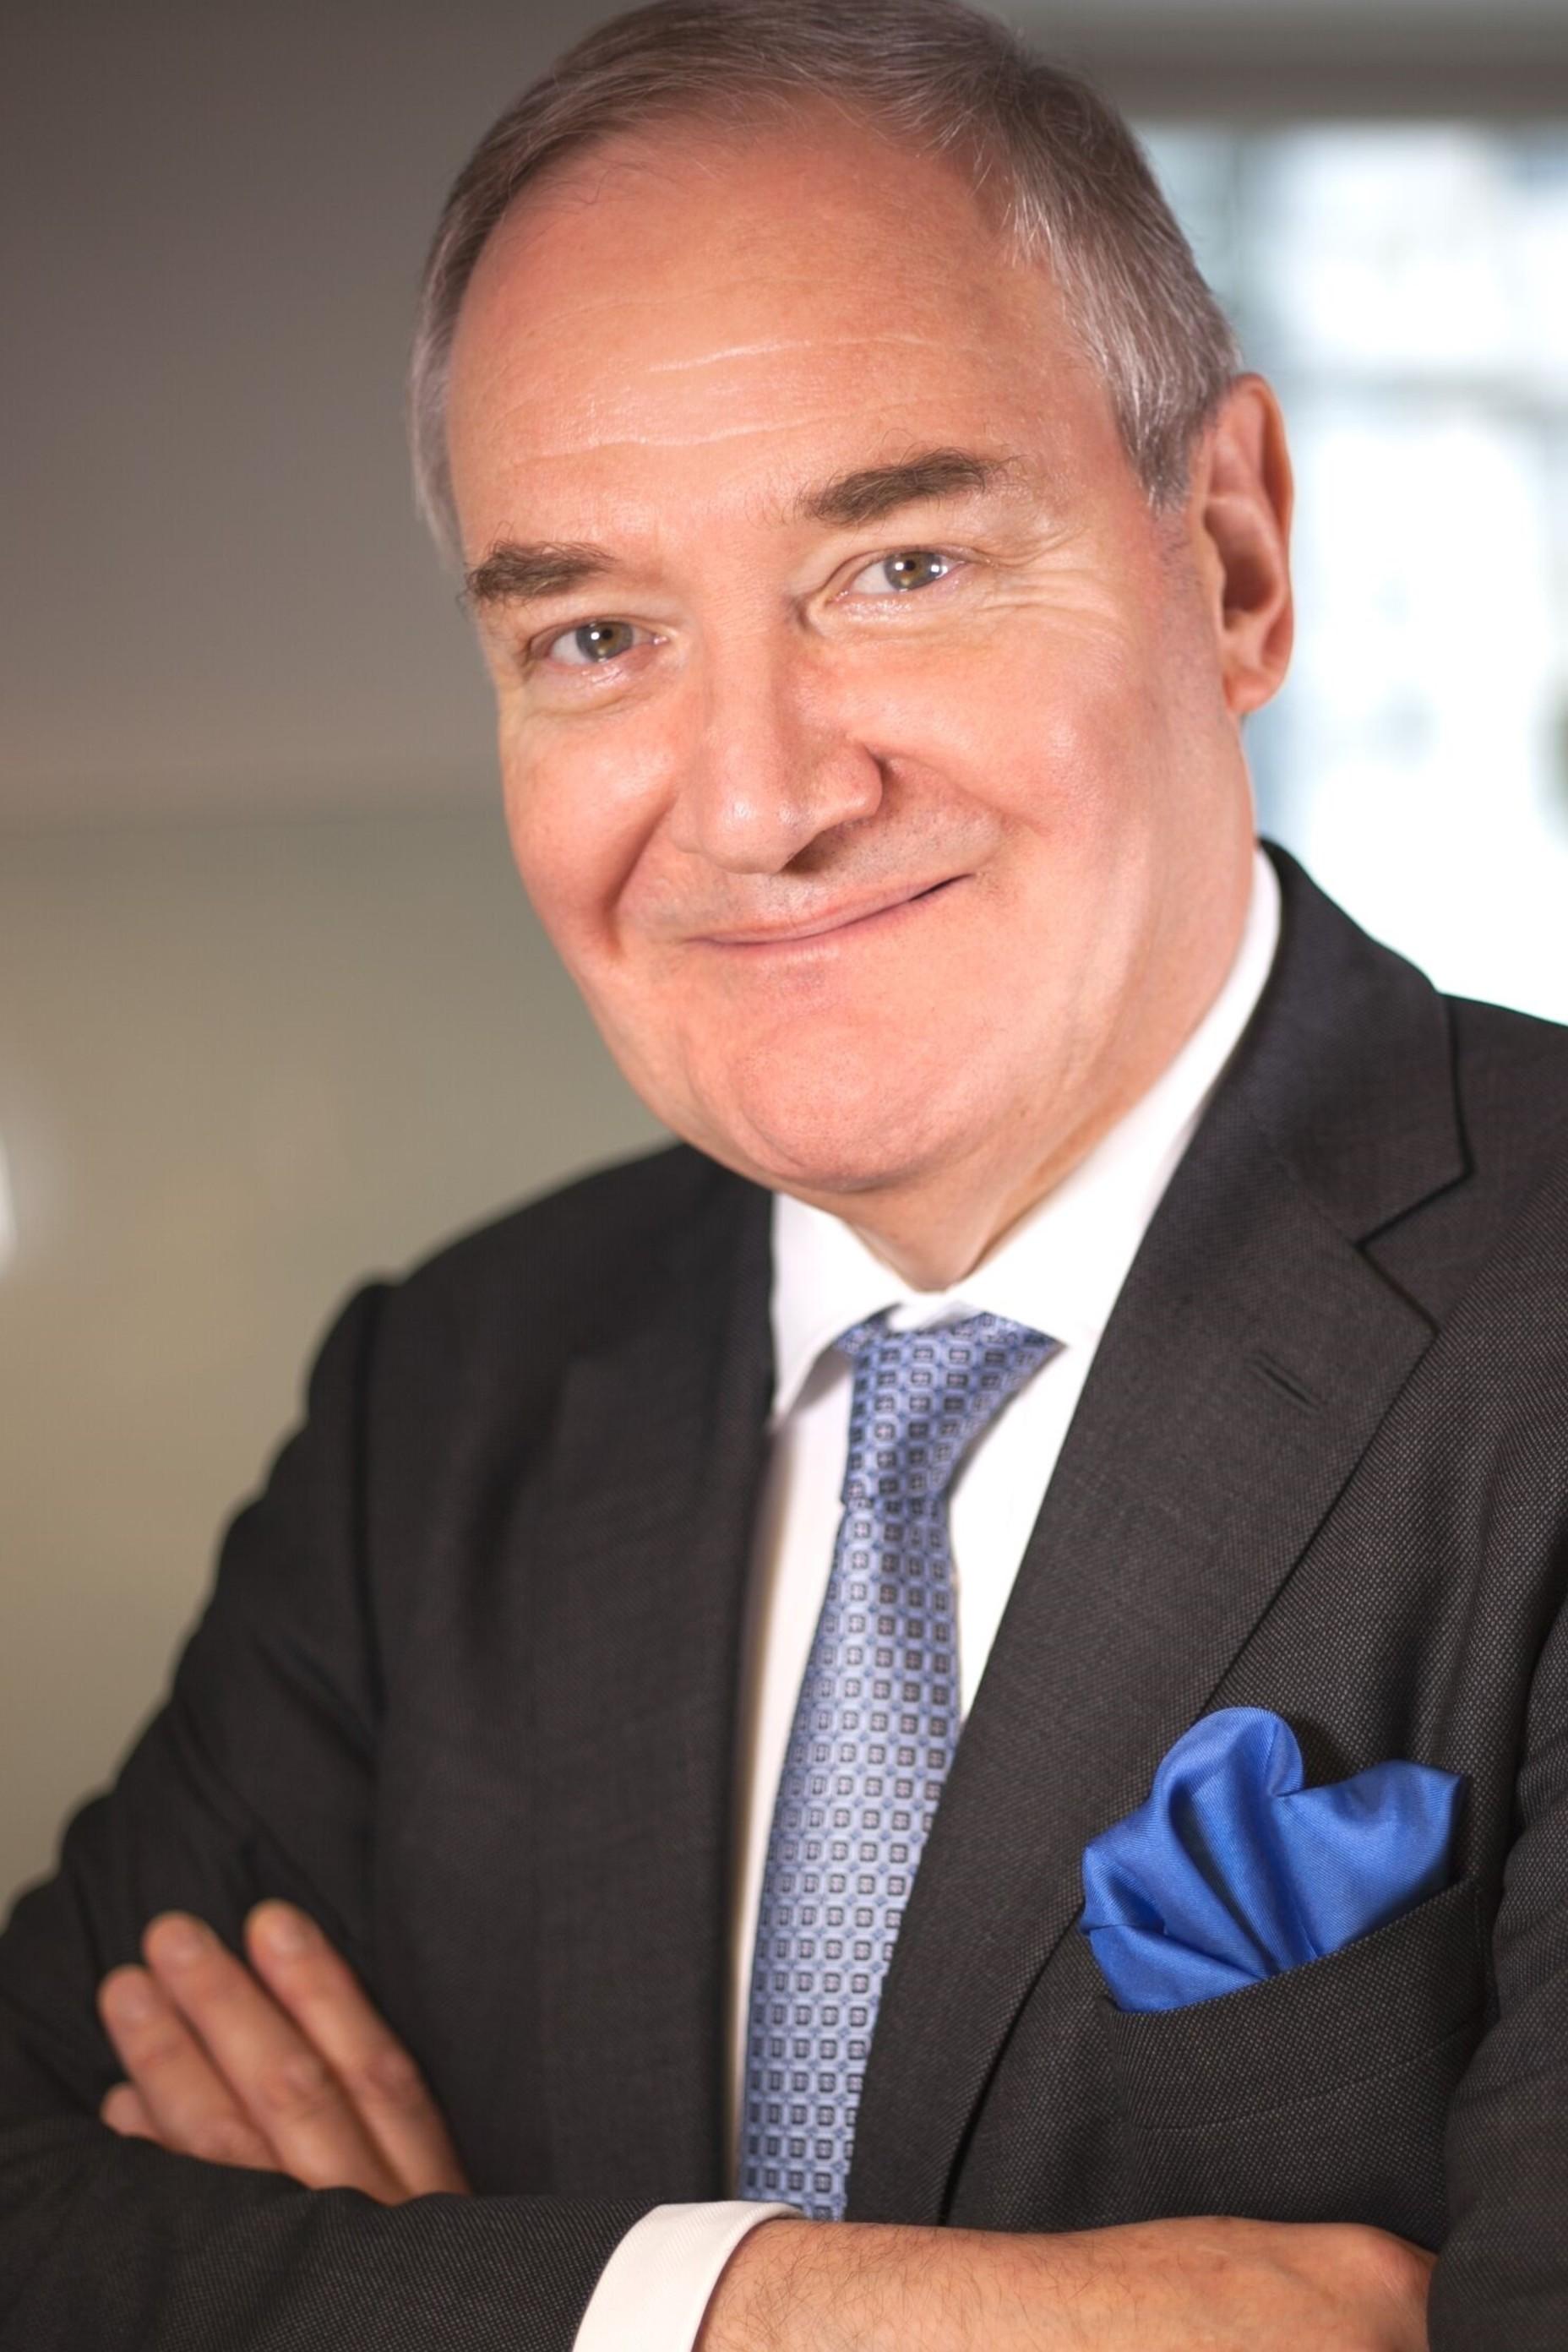 Roger Sanders OBE